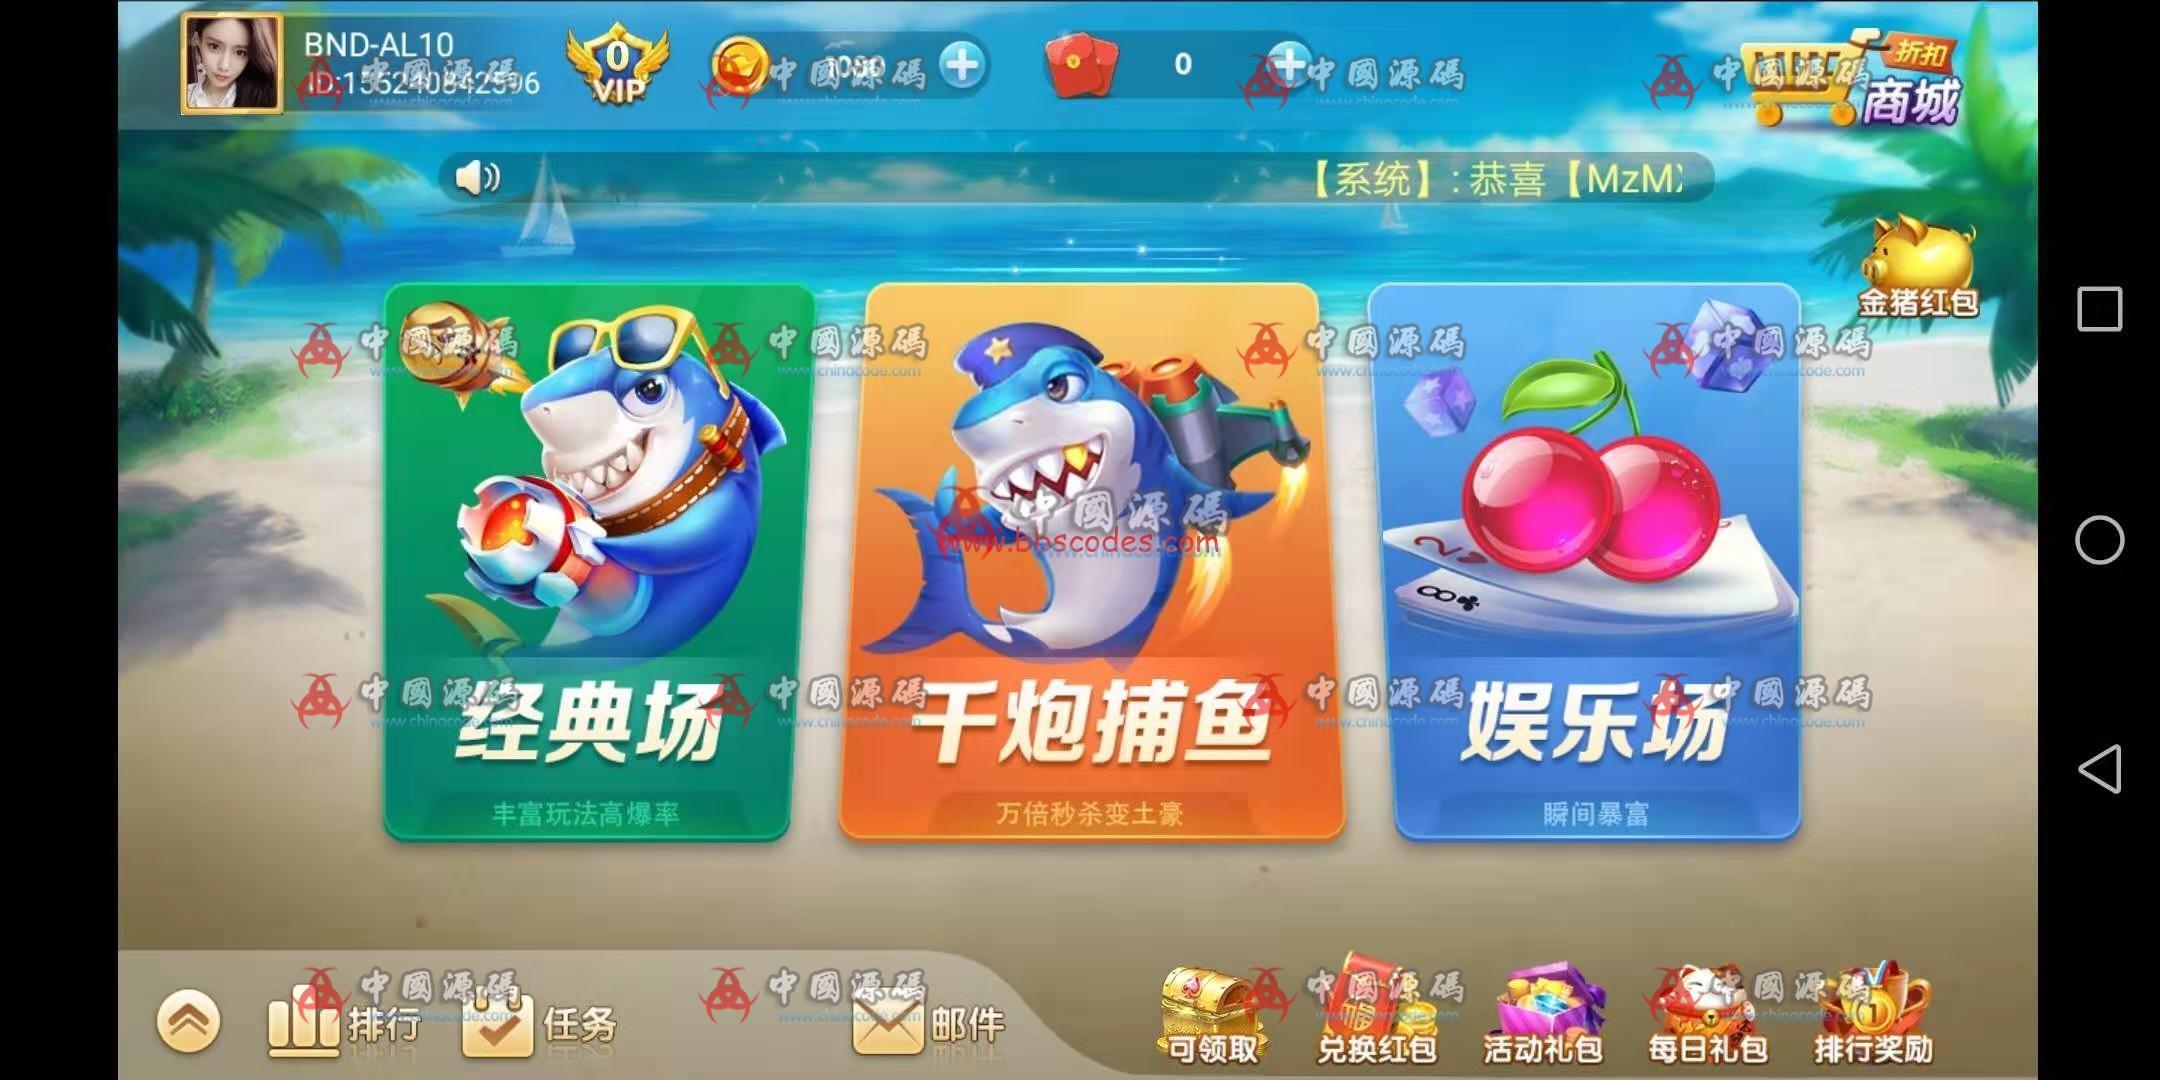 大王捕鱼游戏源码组件 带红包系统 棋牌-第1张